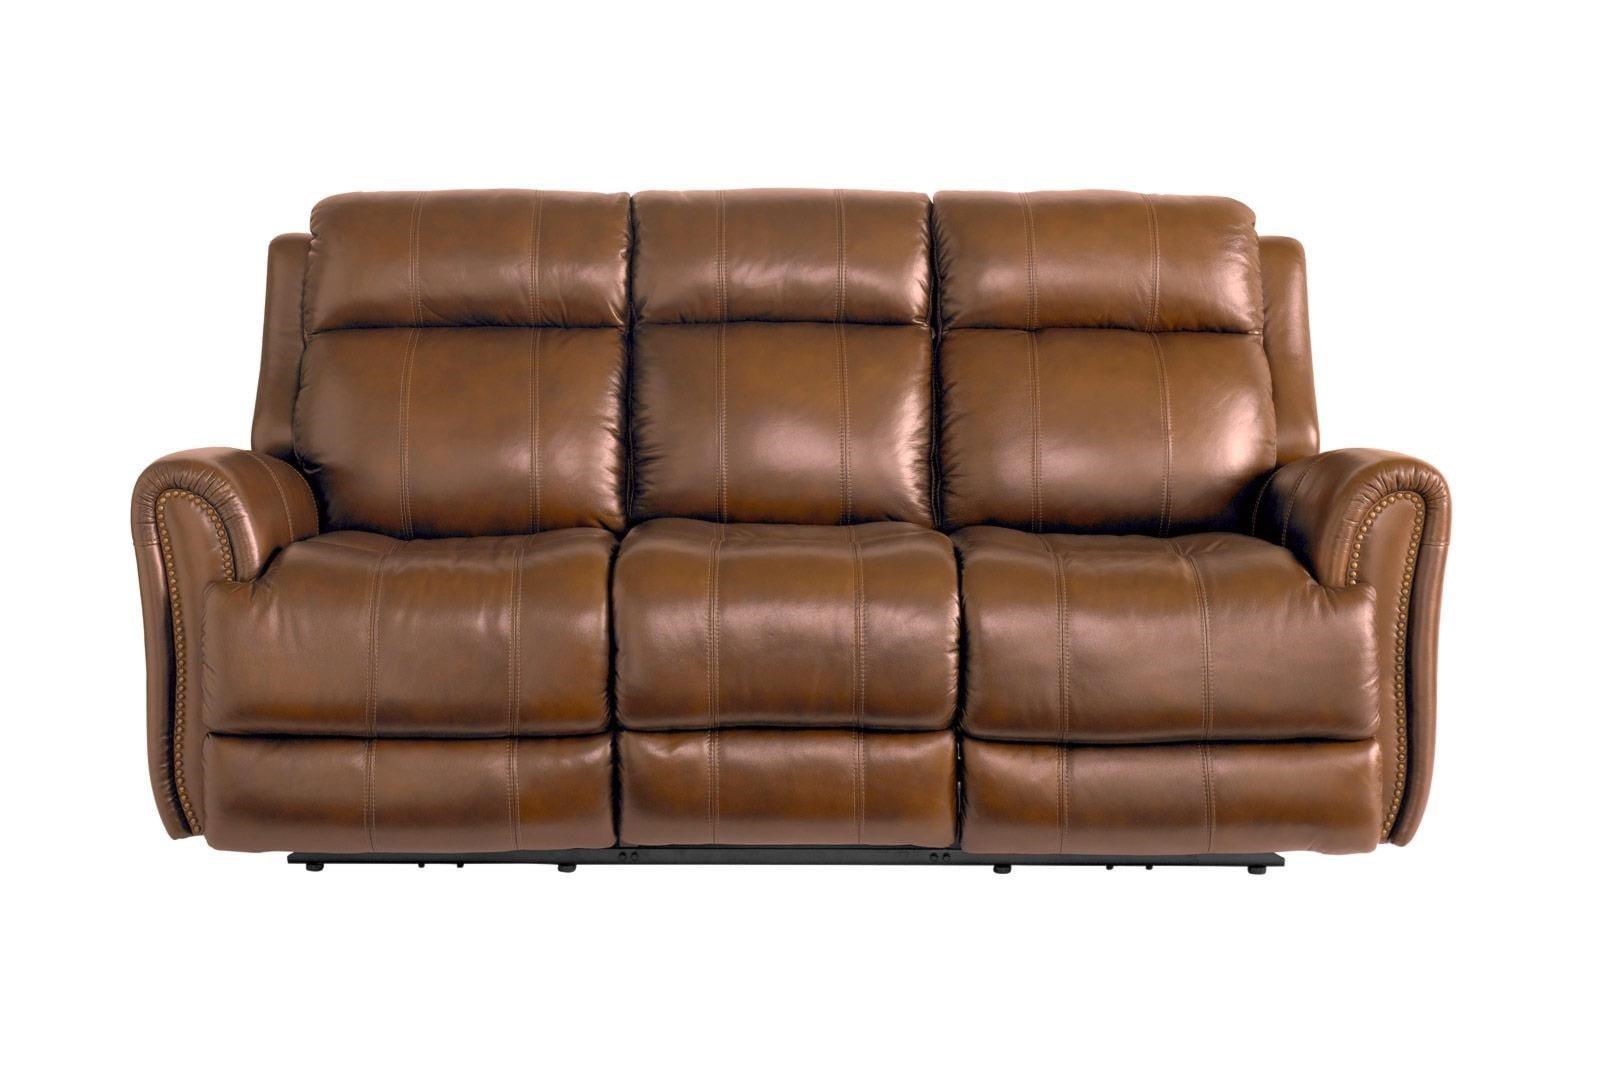 bassett reclining sofas www gradschoolfairs com